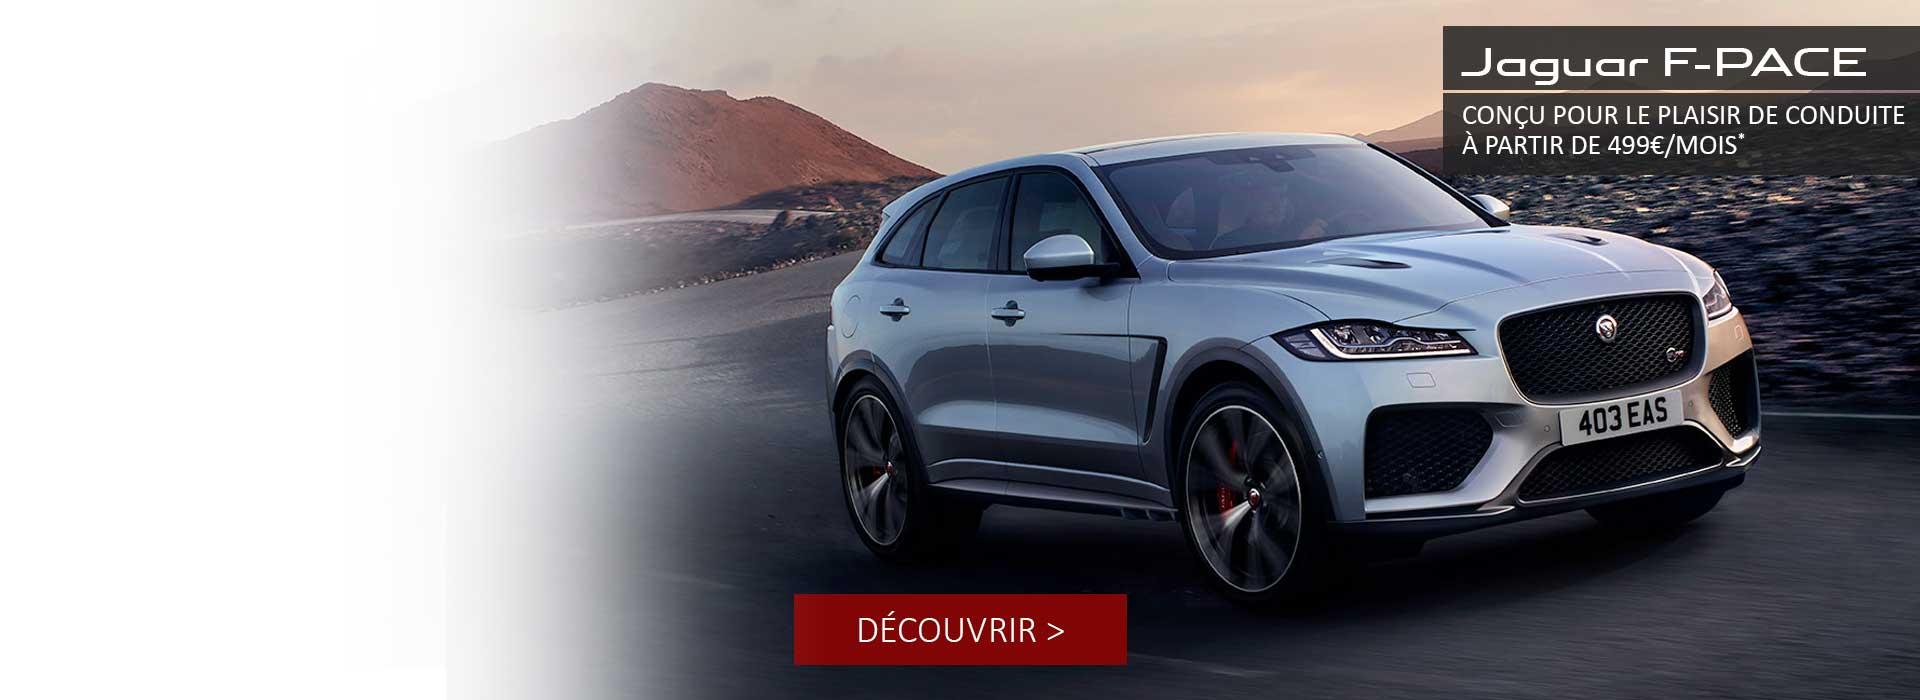 jaguar strasbourg vente voiture neuve vehicule occasion. Black Bedroom Furniture Sets. Home Design Ideas